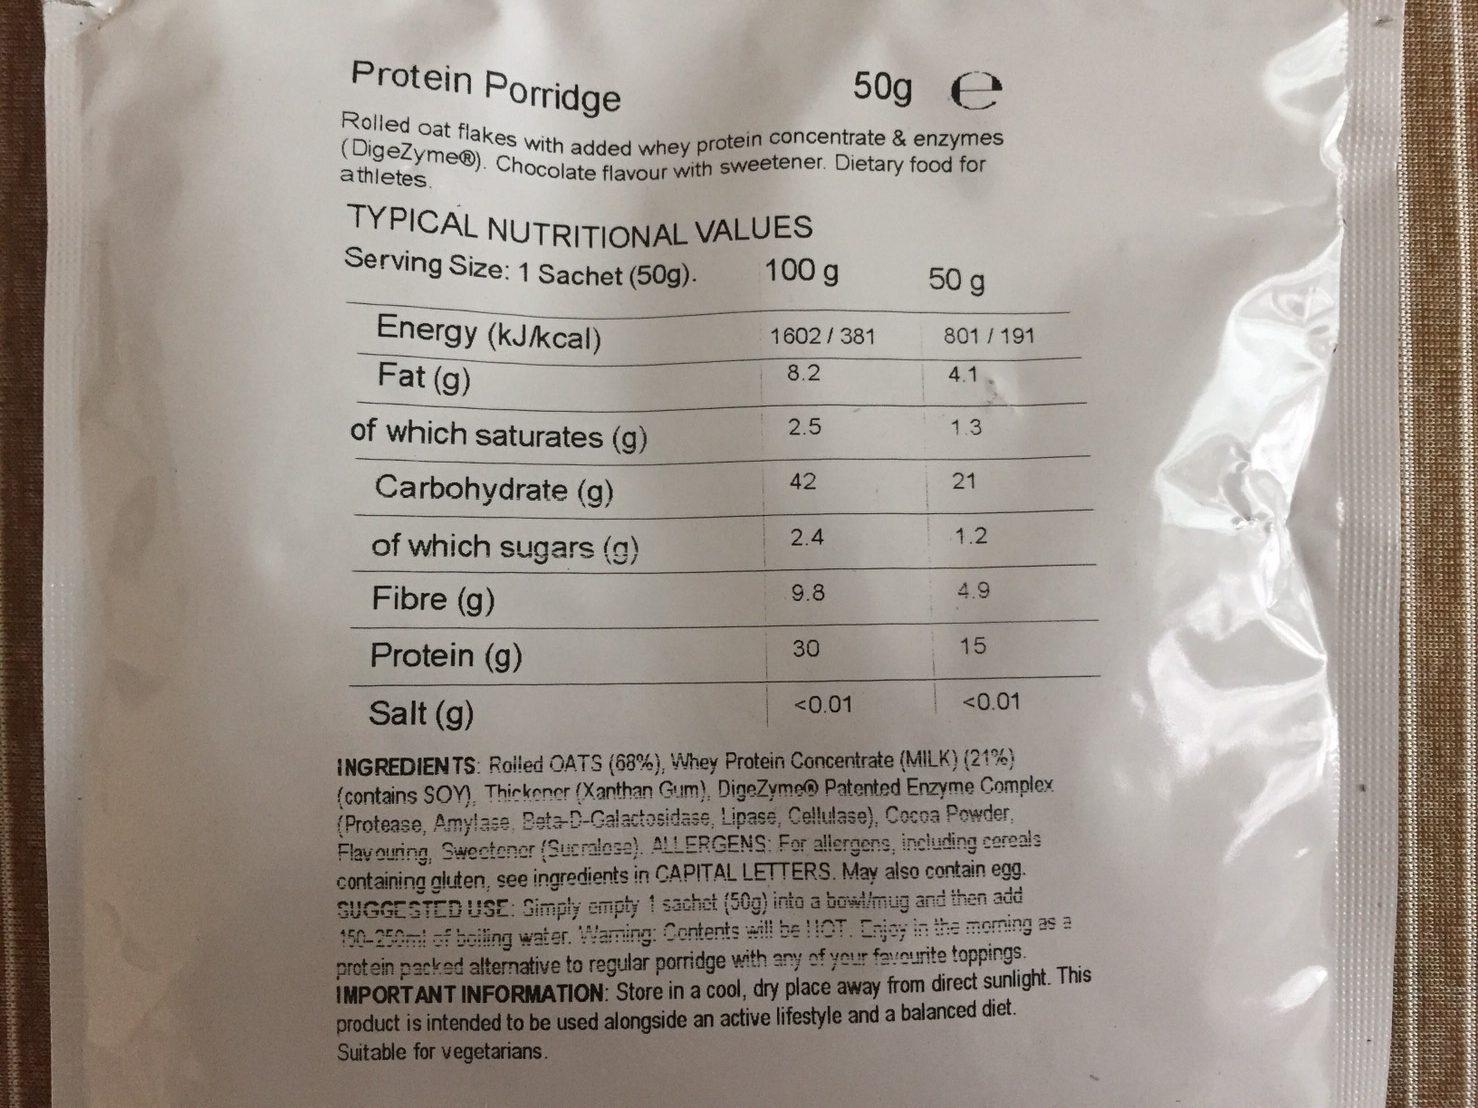 プロテインポリッジチョコレート味成分表